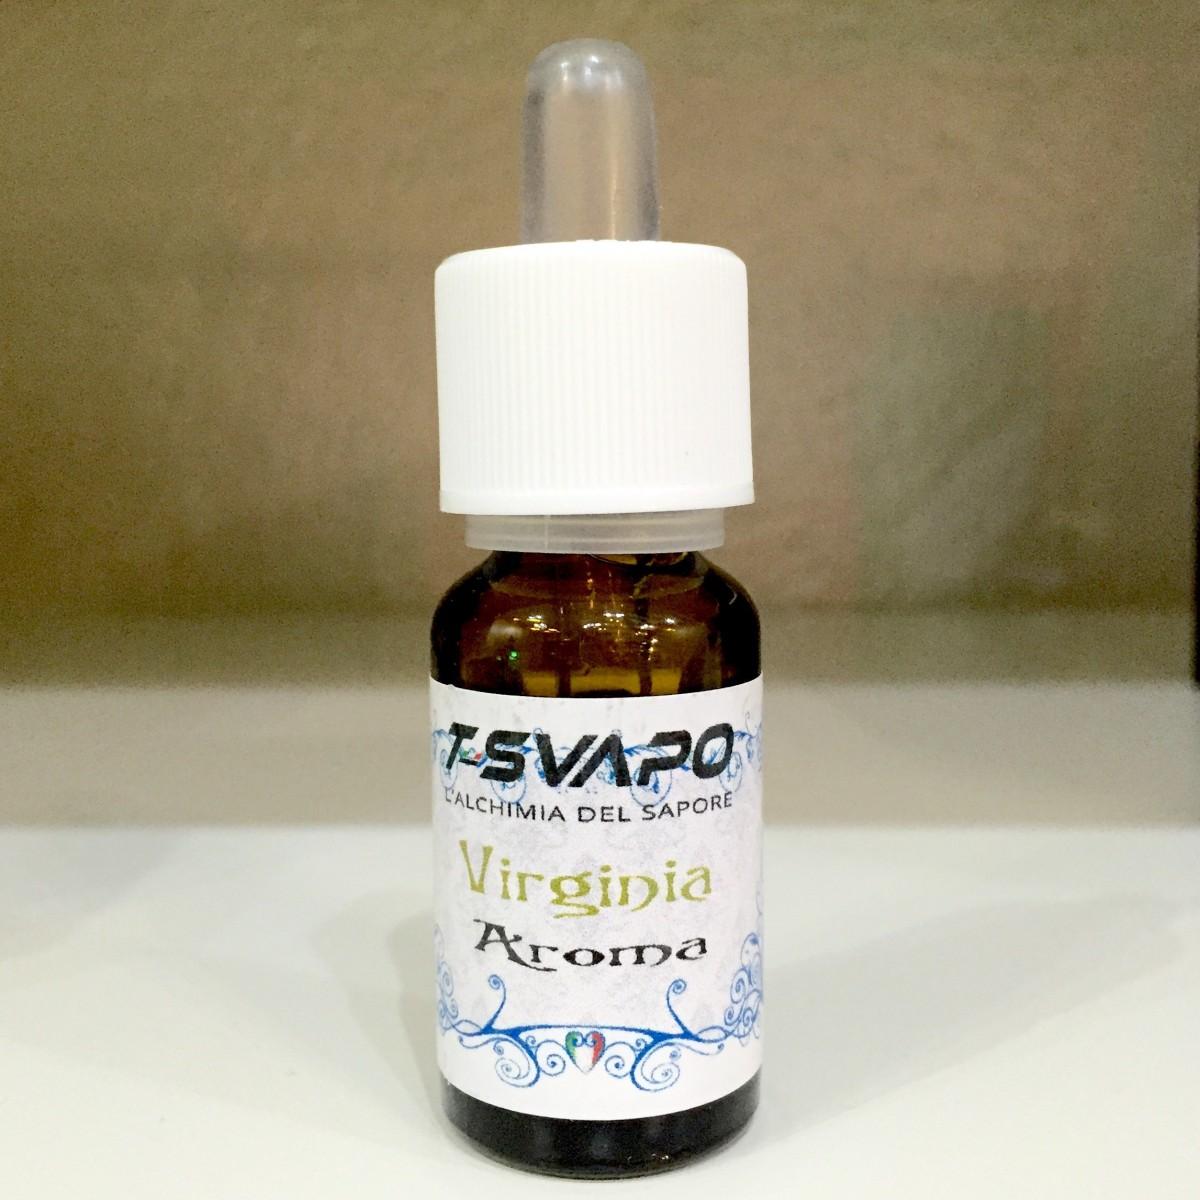 Aroma Virginia T-Svapo